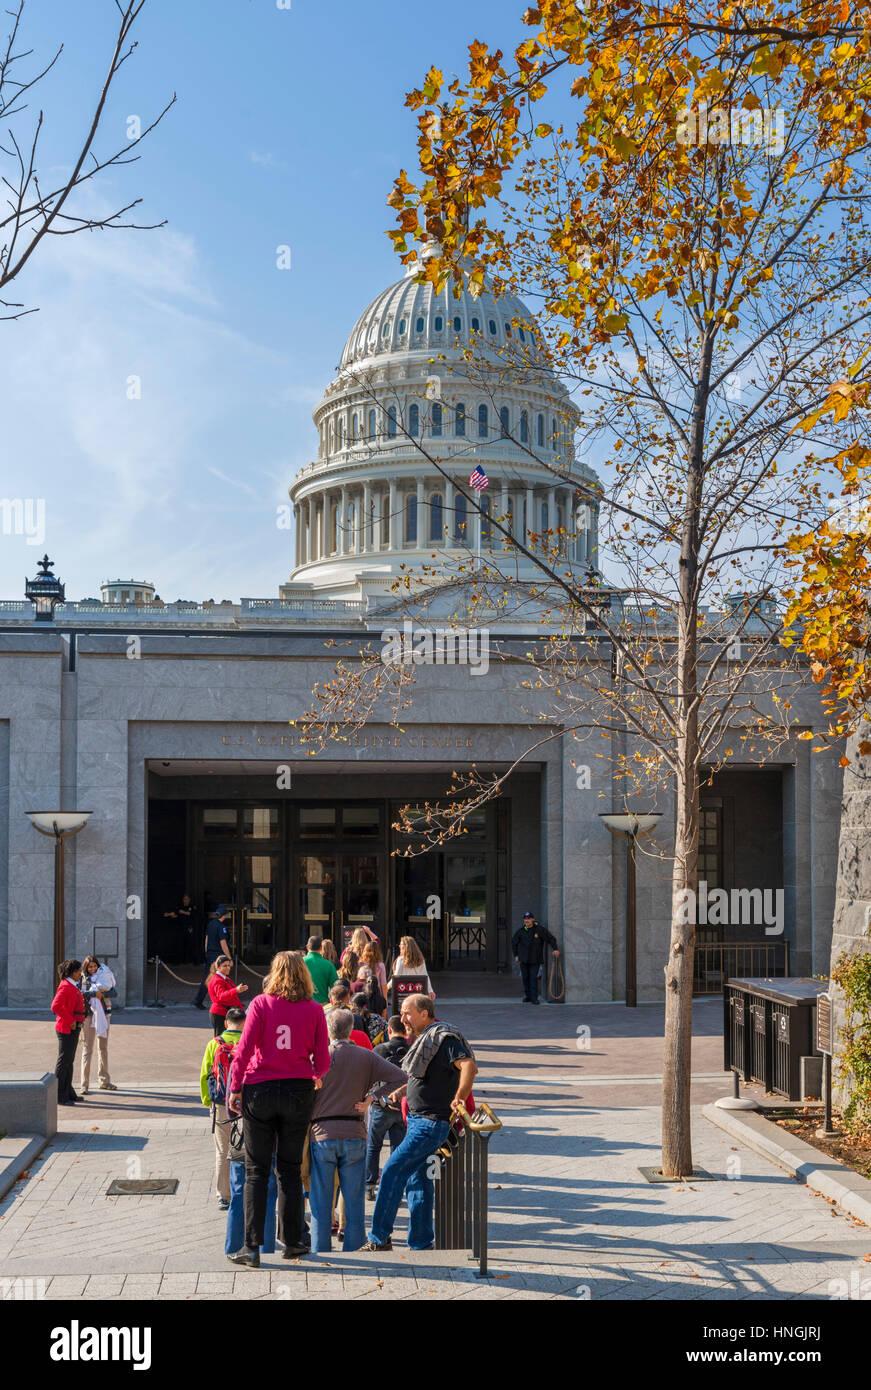 Besucher, die Schlange vor dem Eingang zu den United States Capitol Visitor Center Washington DC, USA Stockbild